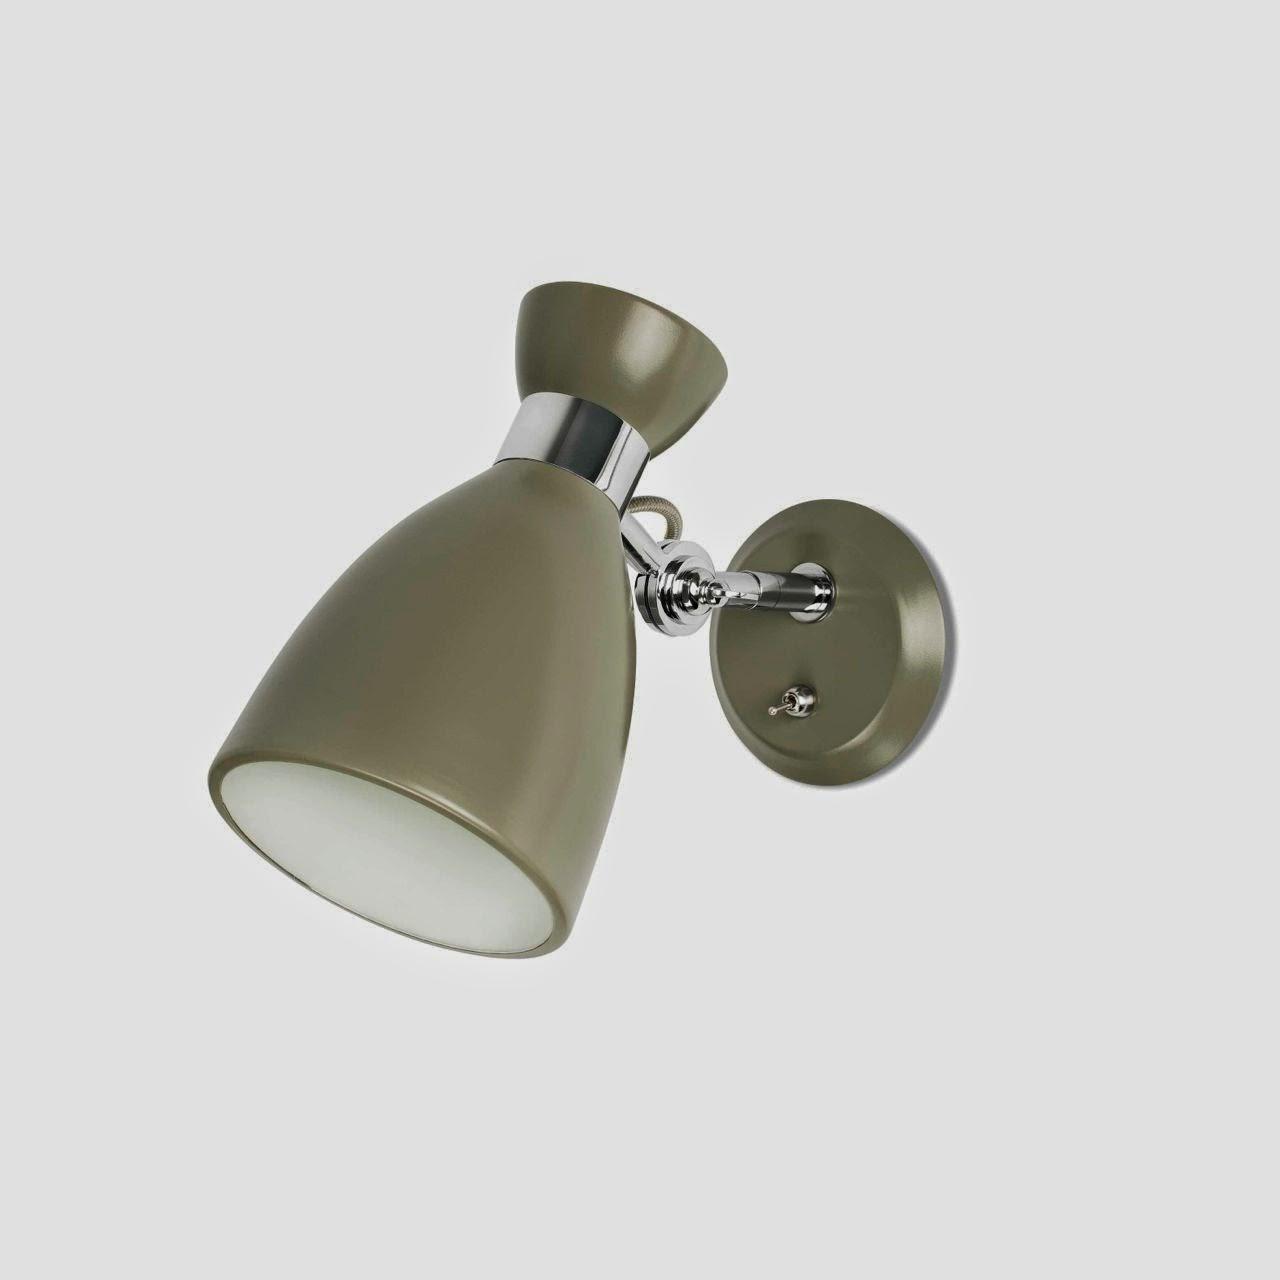 L mparas y apliques de est tica retro a os 60 y 70 tienda de l mparas iluminaci n y - Apliques y lamparas ...